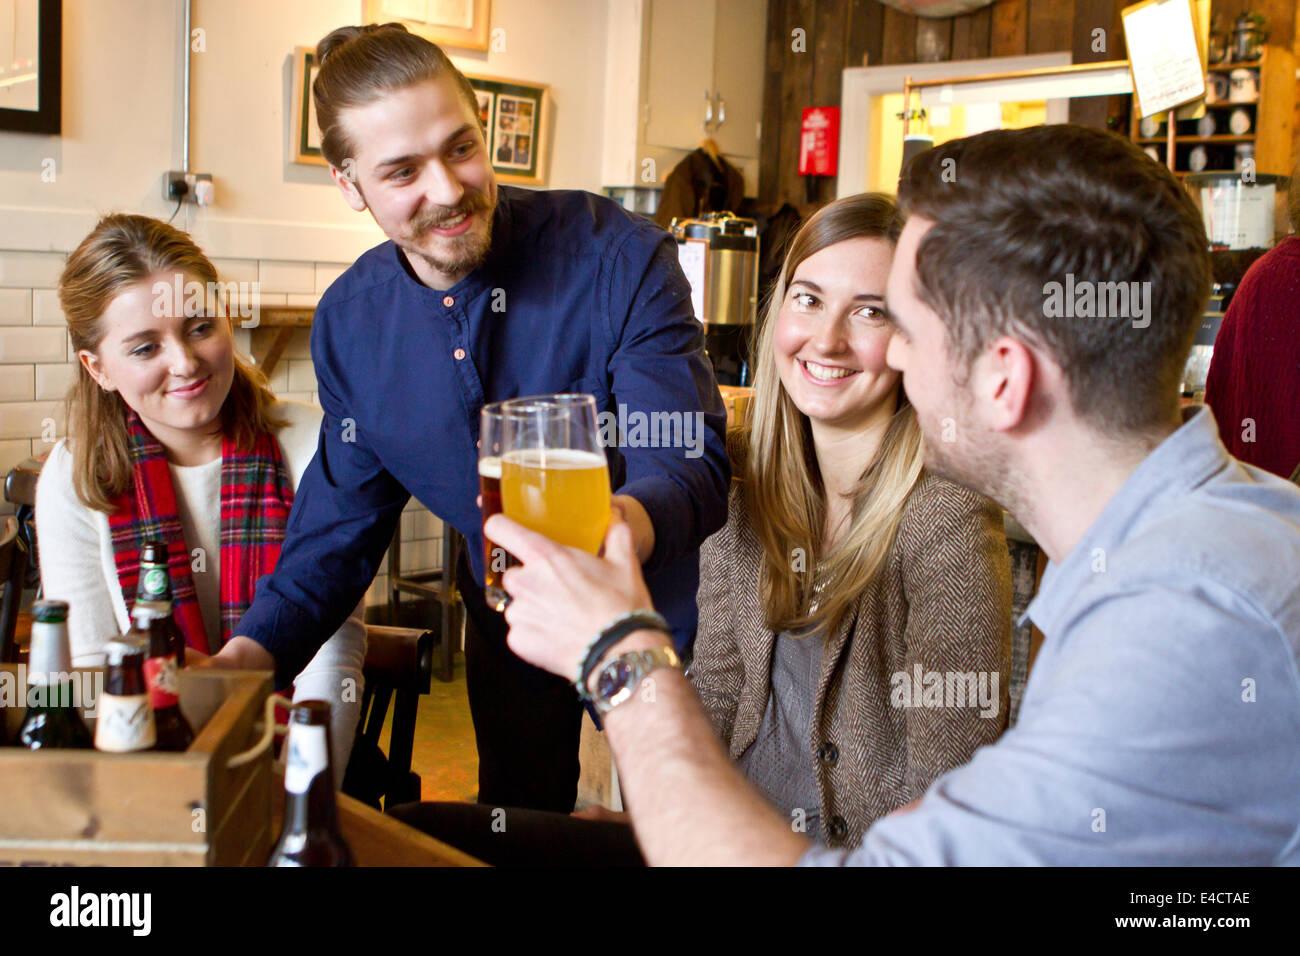 Los hombres jóvenes brindando con cerveza en el pub, Bournemouth, Dorset, Inglaterra Imagen De Stock